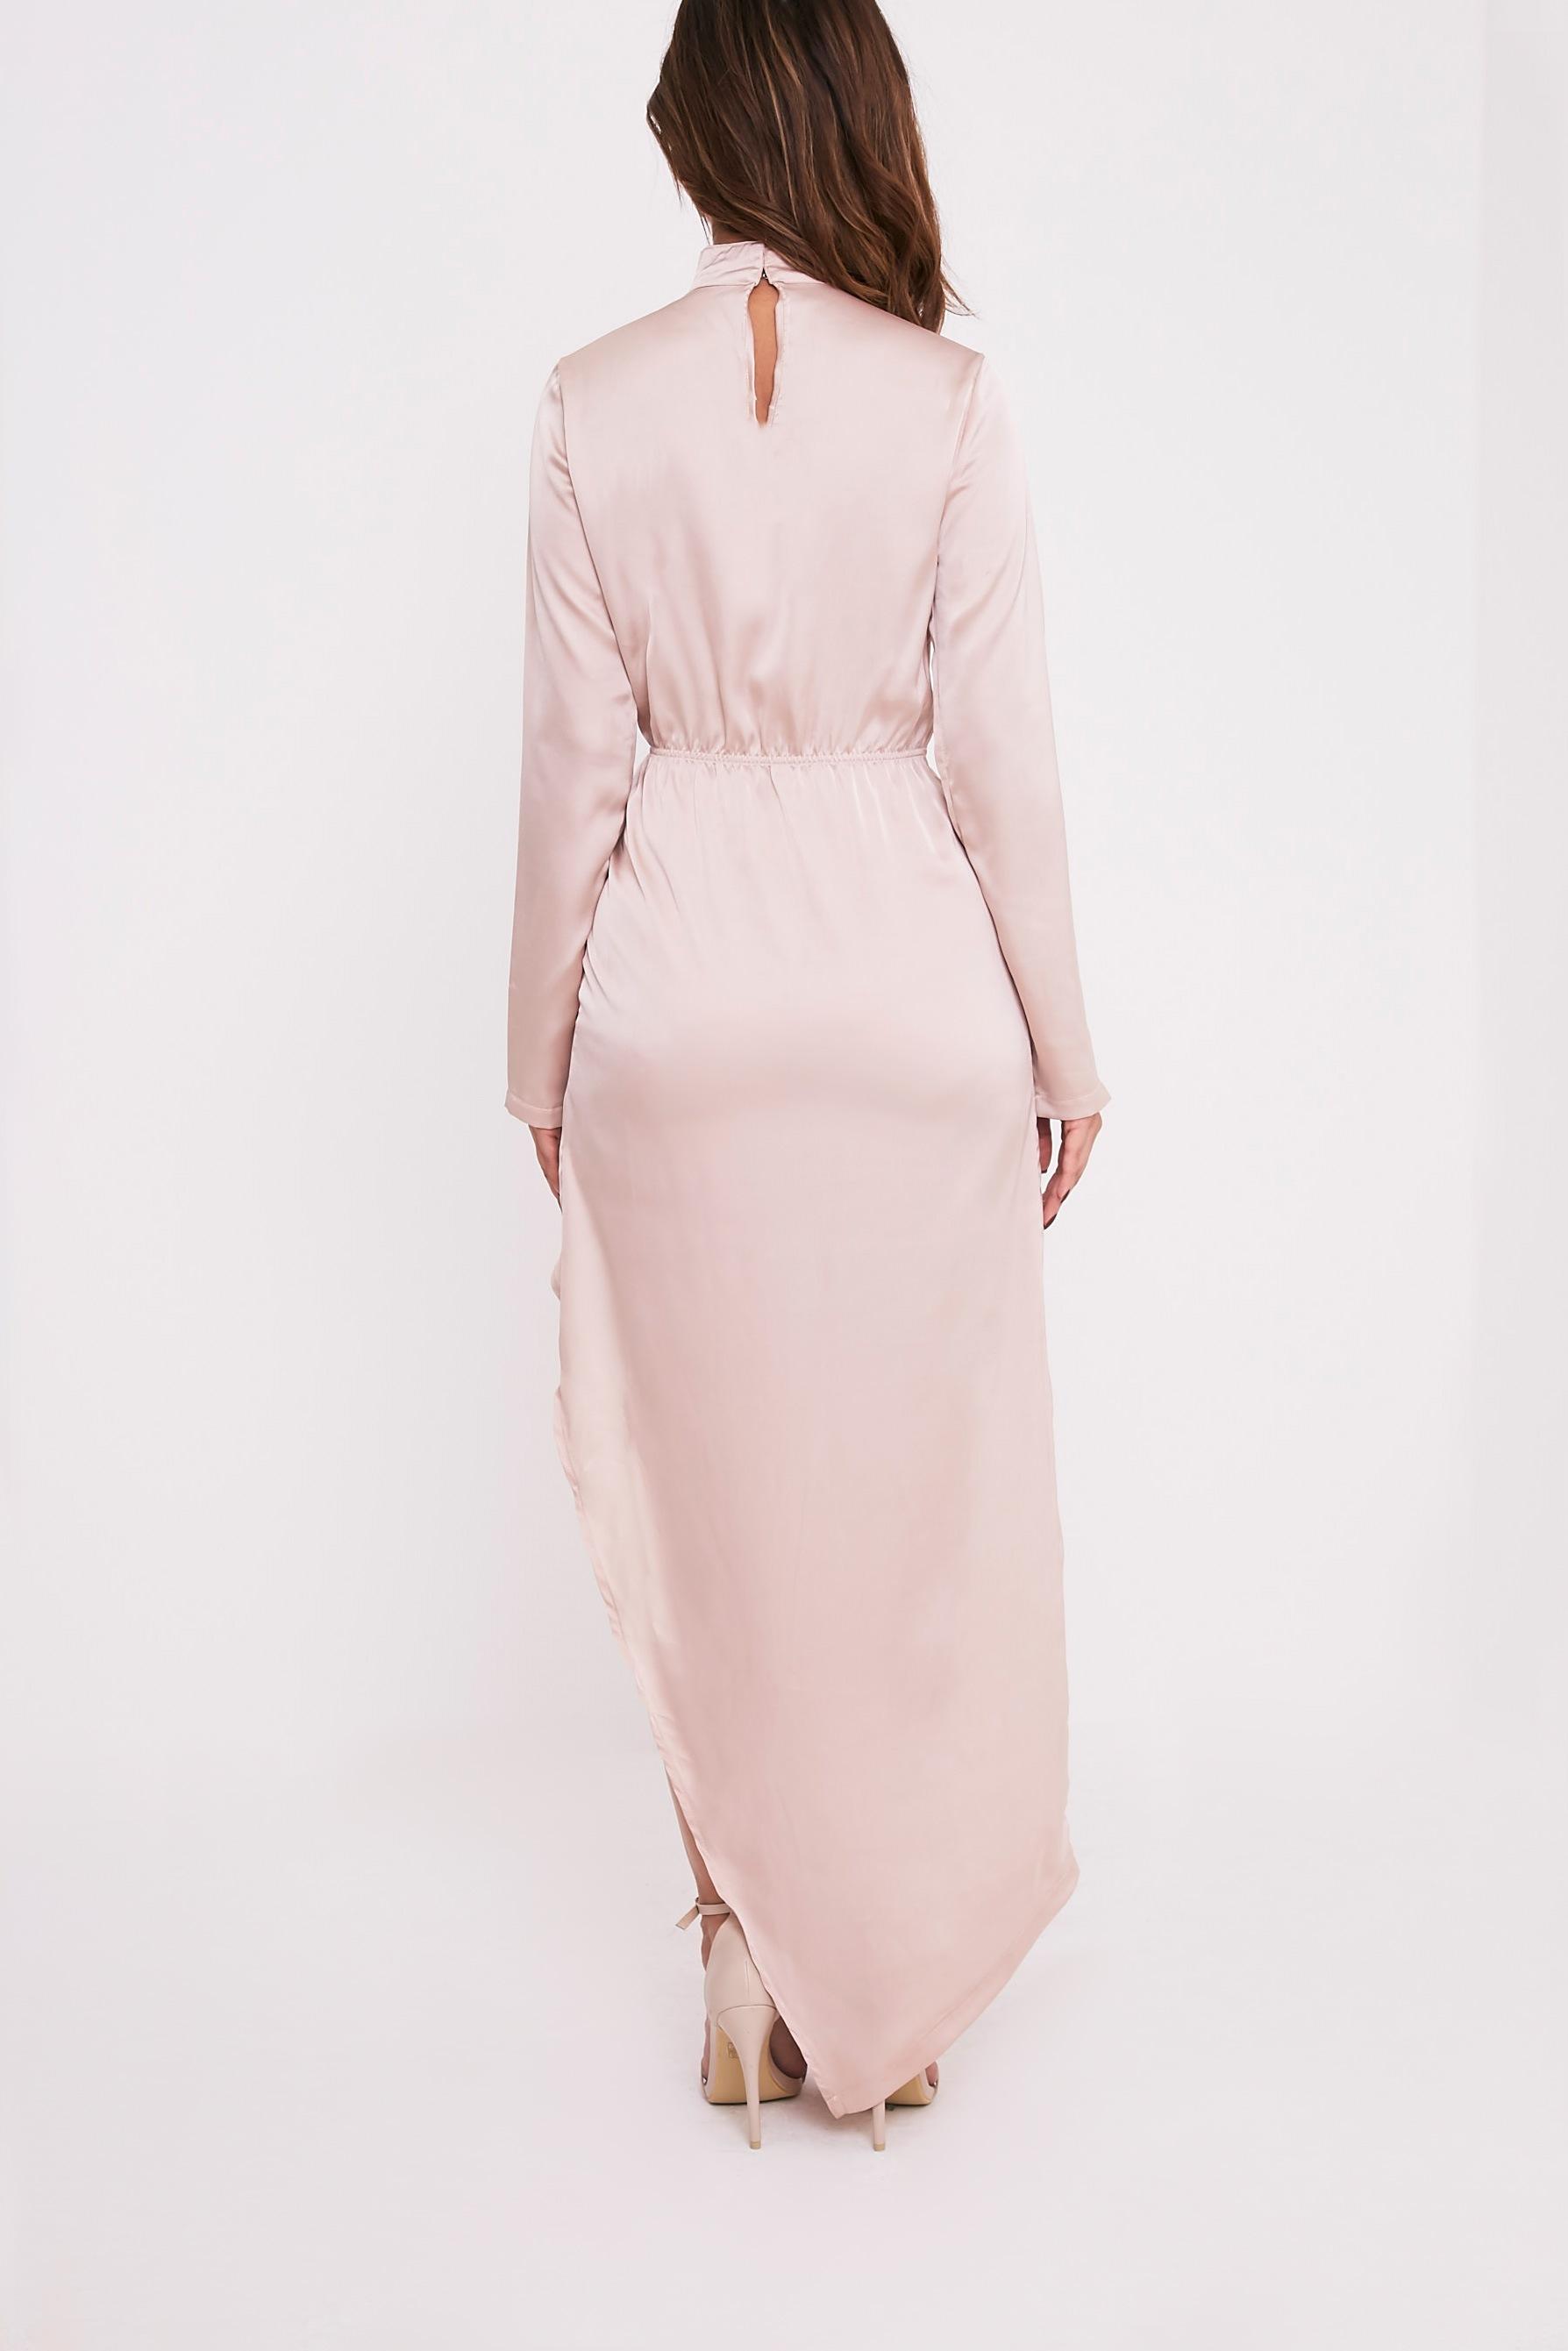 Melody Champagne Choker Detail Asymmetric Maxi Dress 2